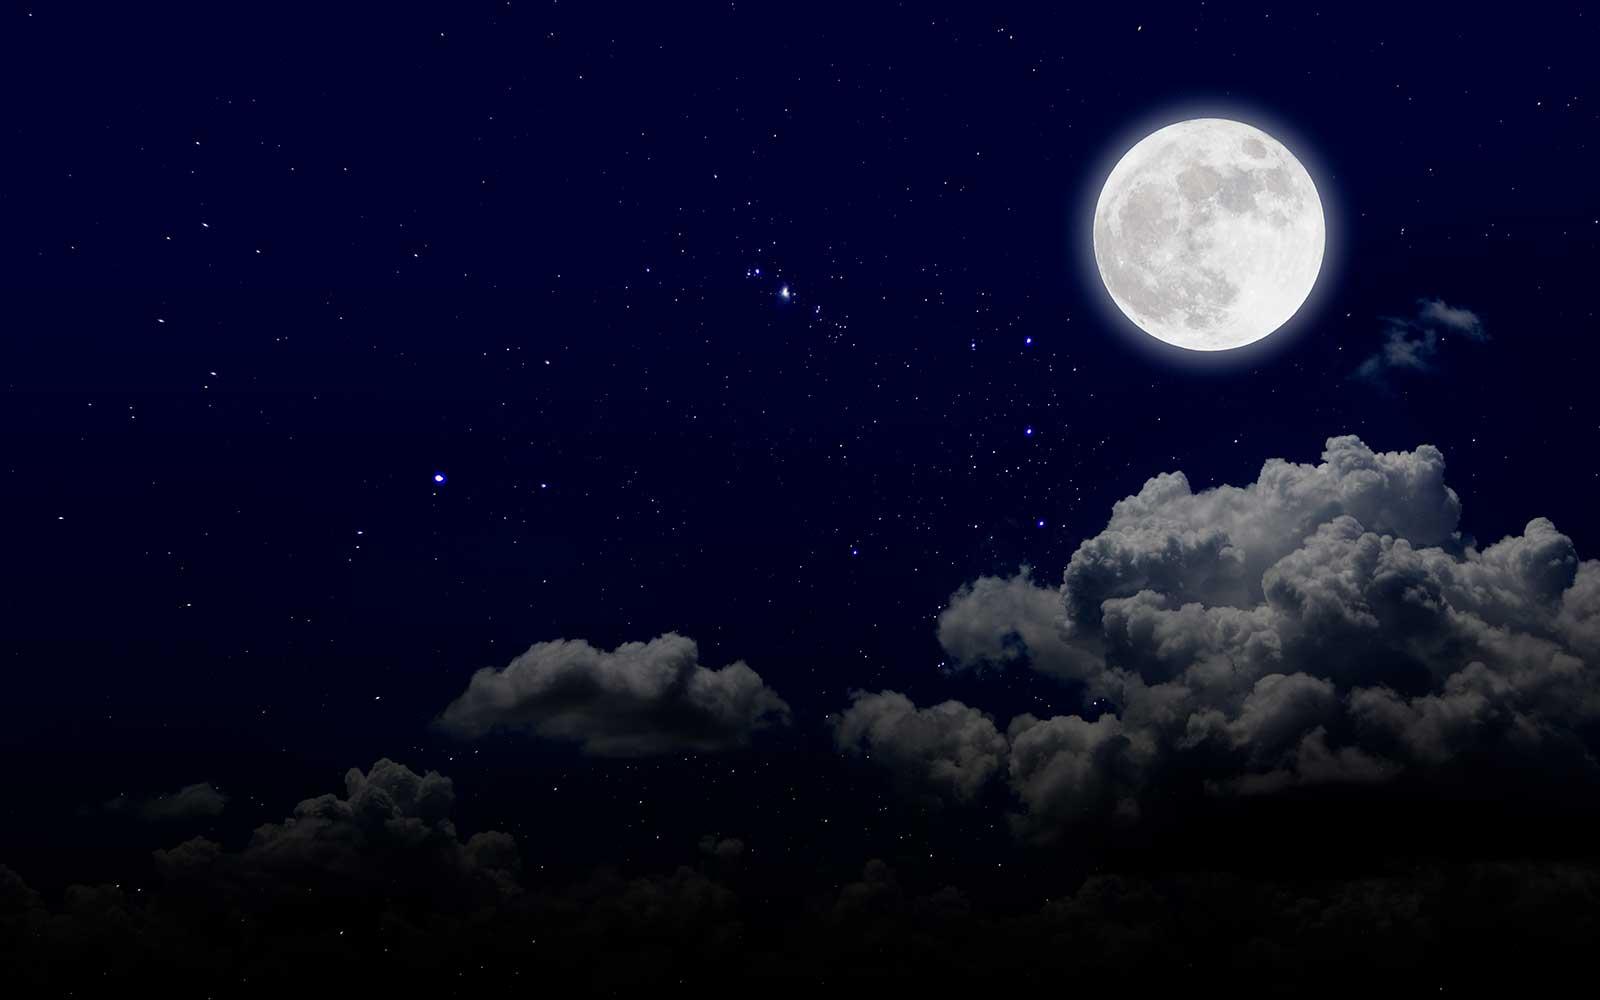 Ciel nocturne avec une pleine lune et des nuages. Institut Emeline Esthétique La Verrie 85